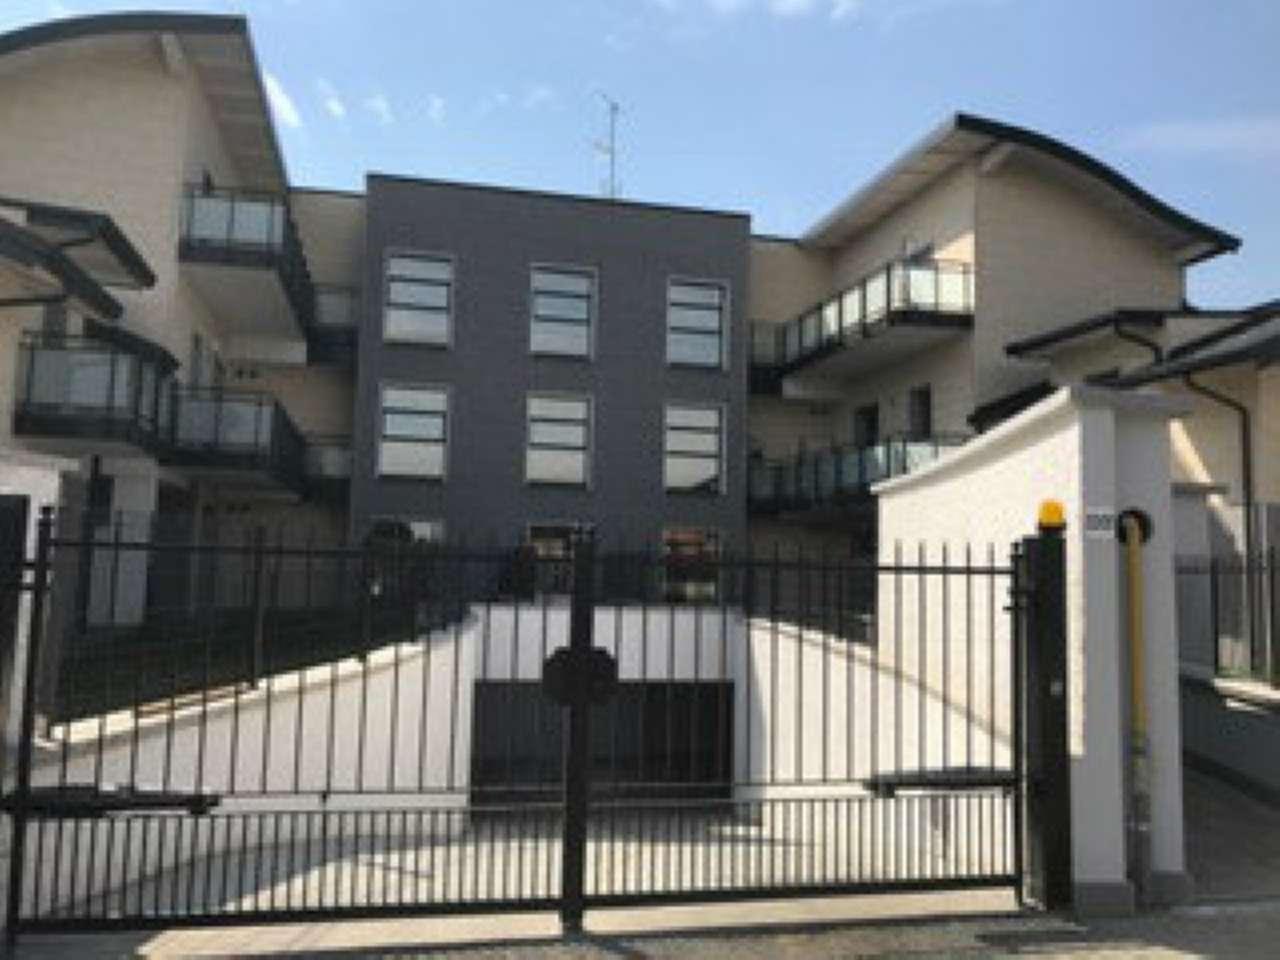 Attico / Mansarda in vendita a Origgio, 3 locali, prezzo € 235.000 | CambioCasa.it